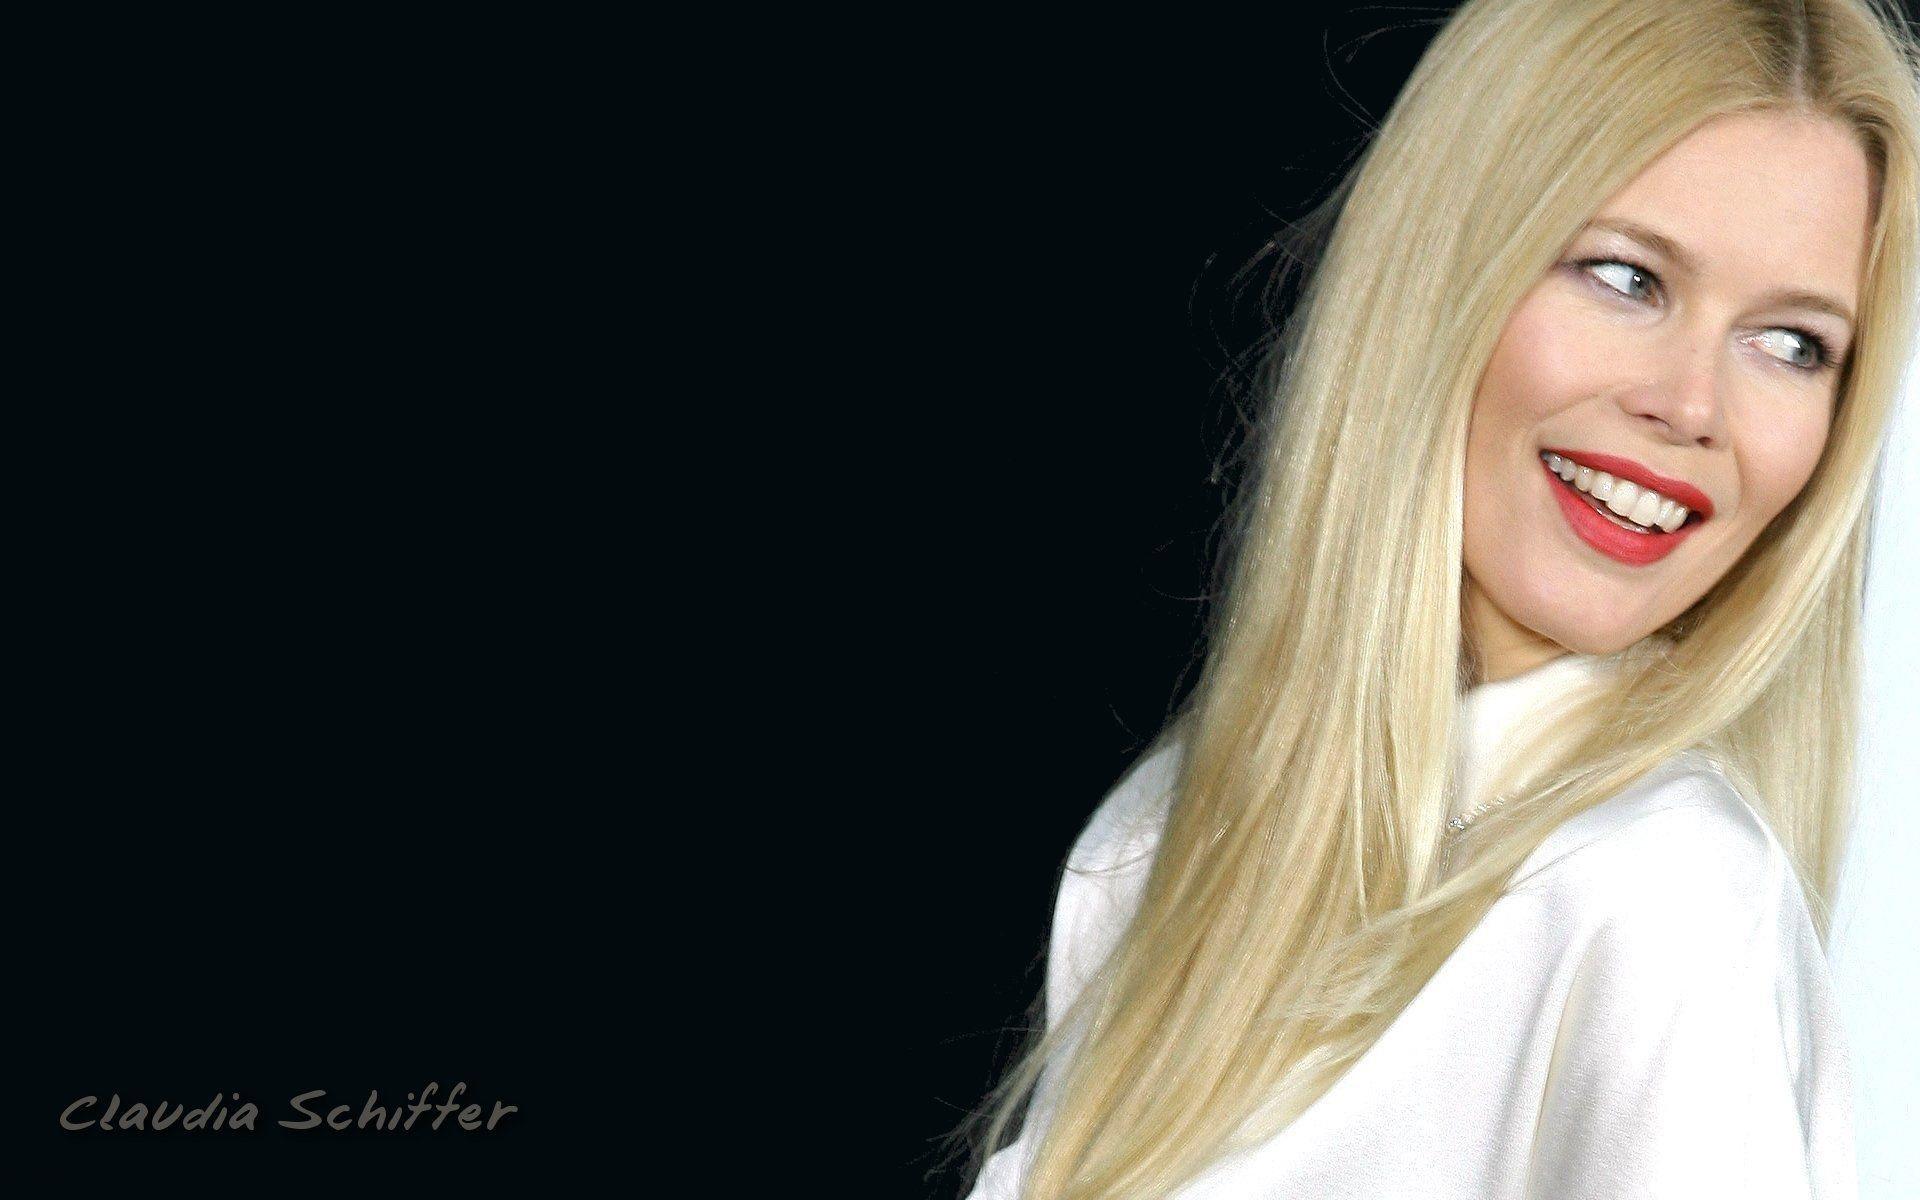 Claudia Schiffer Hd